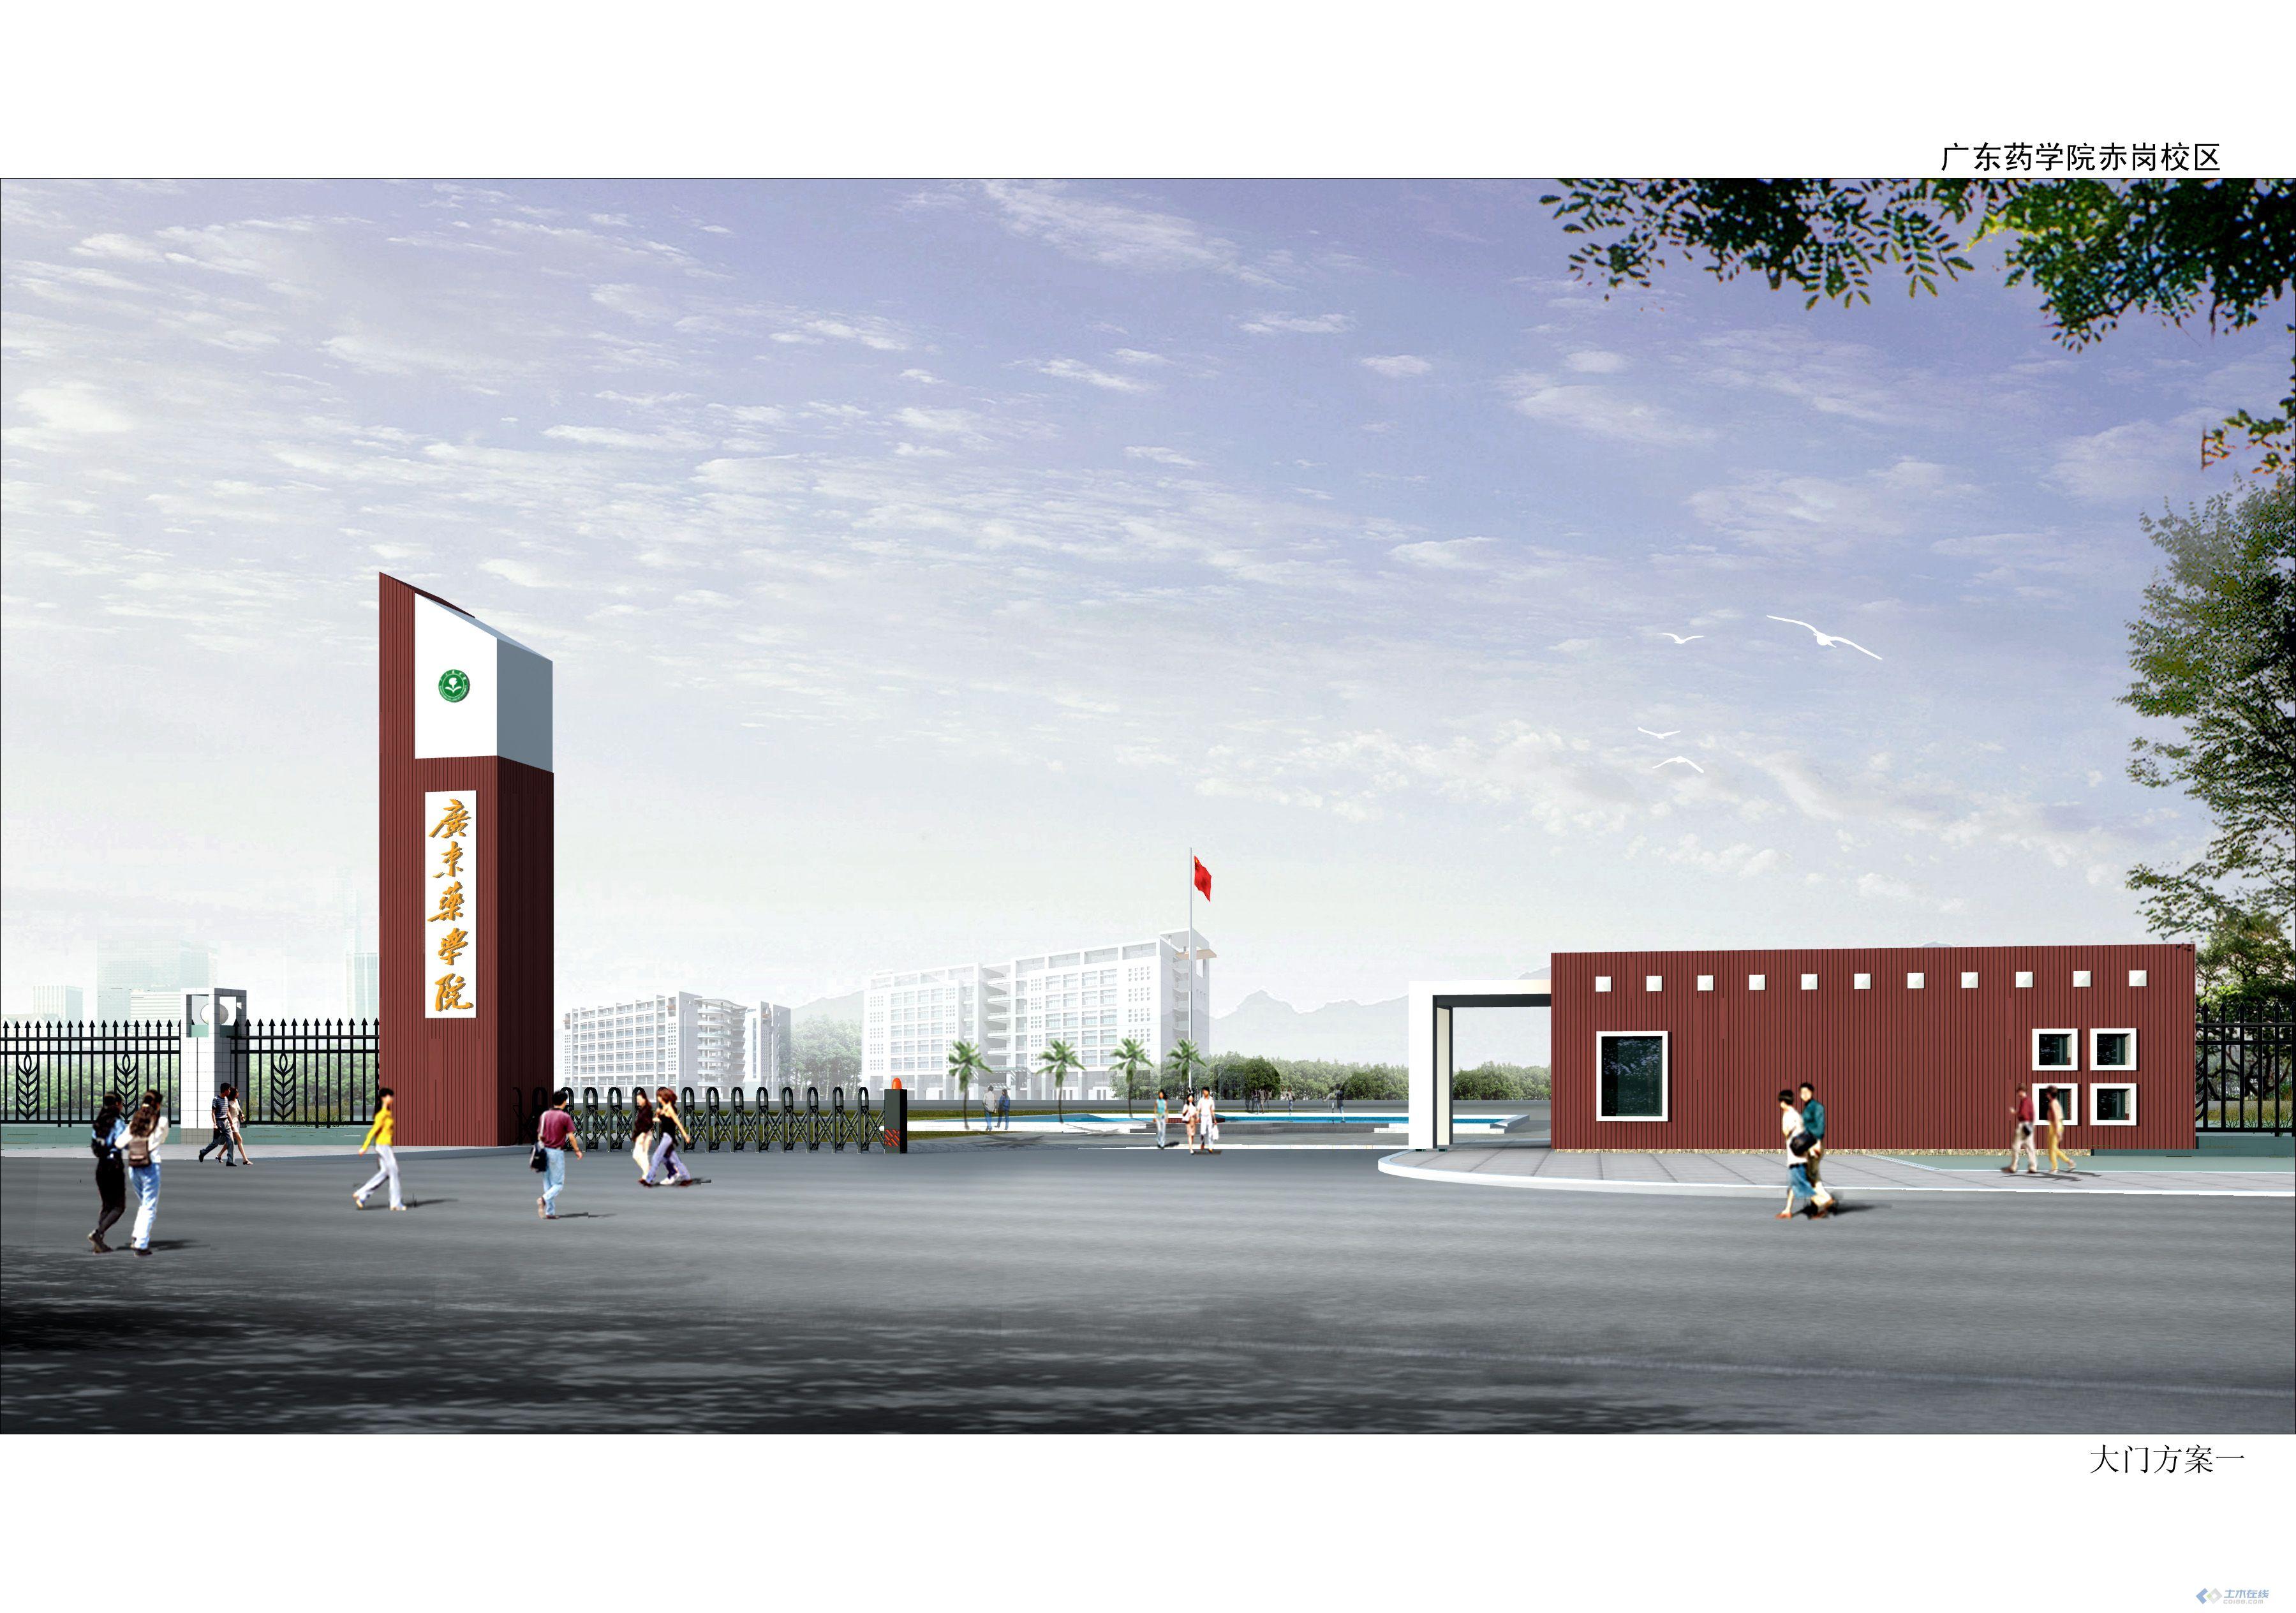 广东药学院赤岗校区大门围墙建施图 附效果图